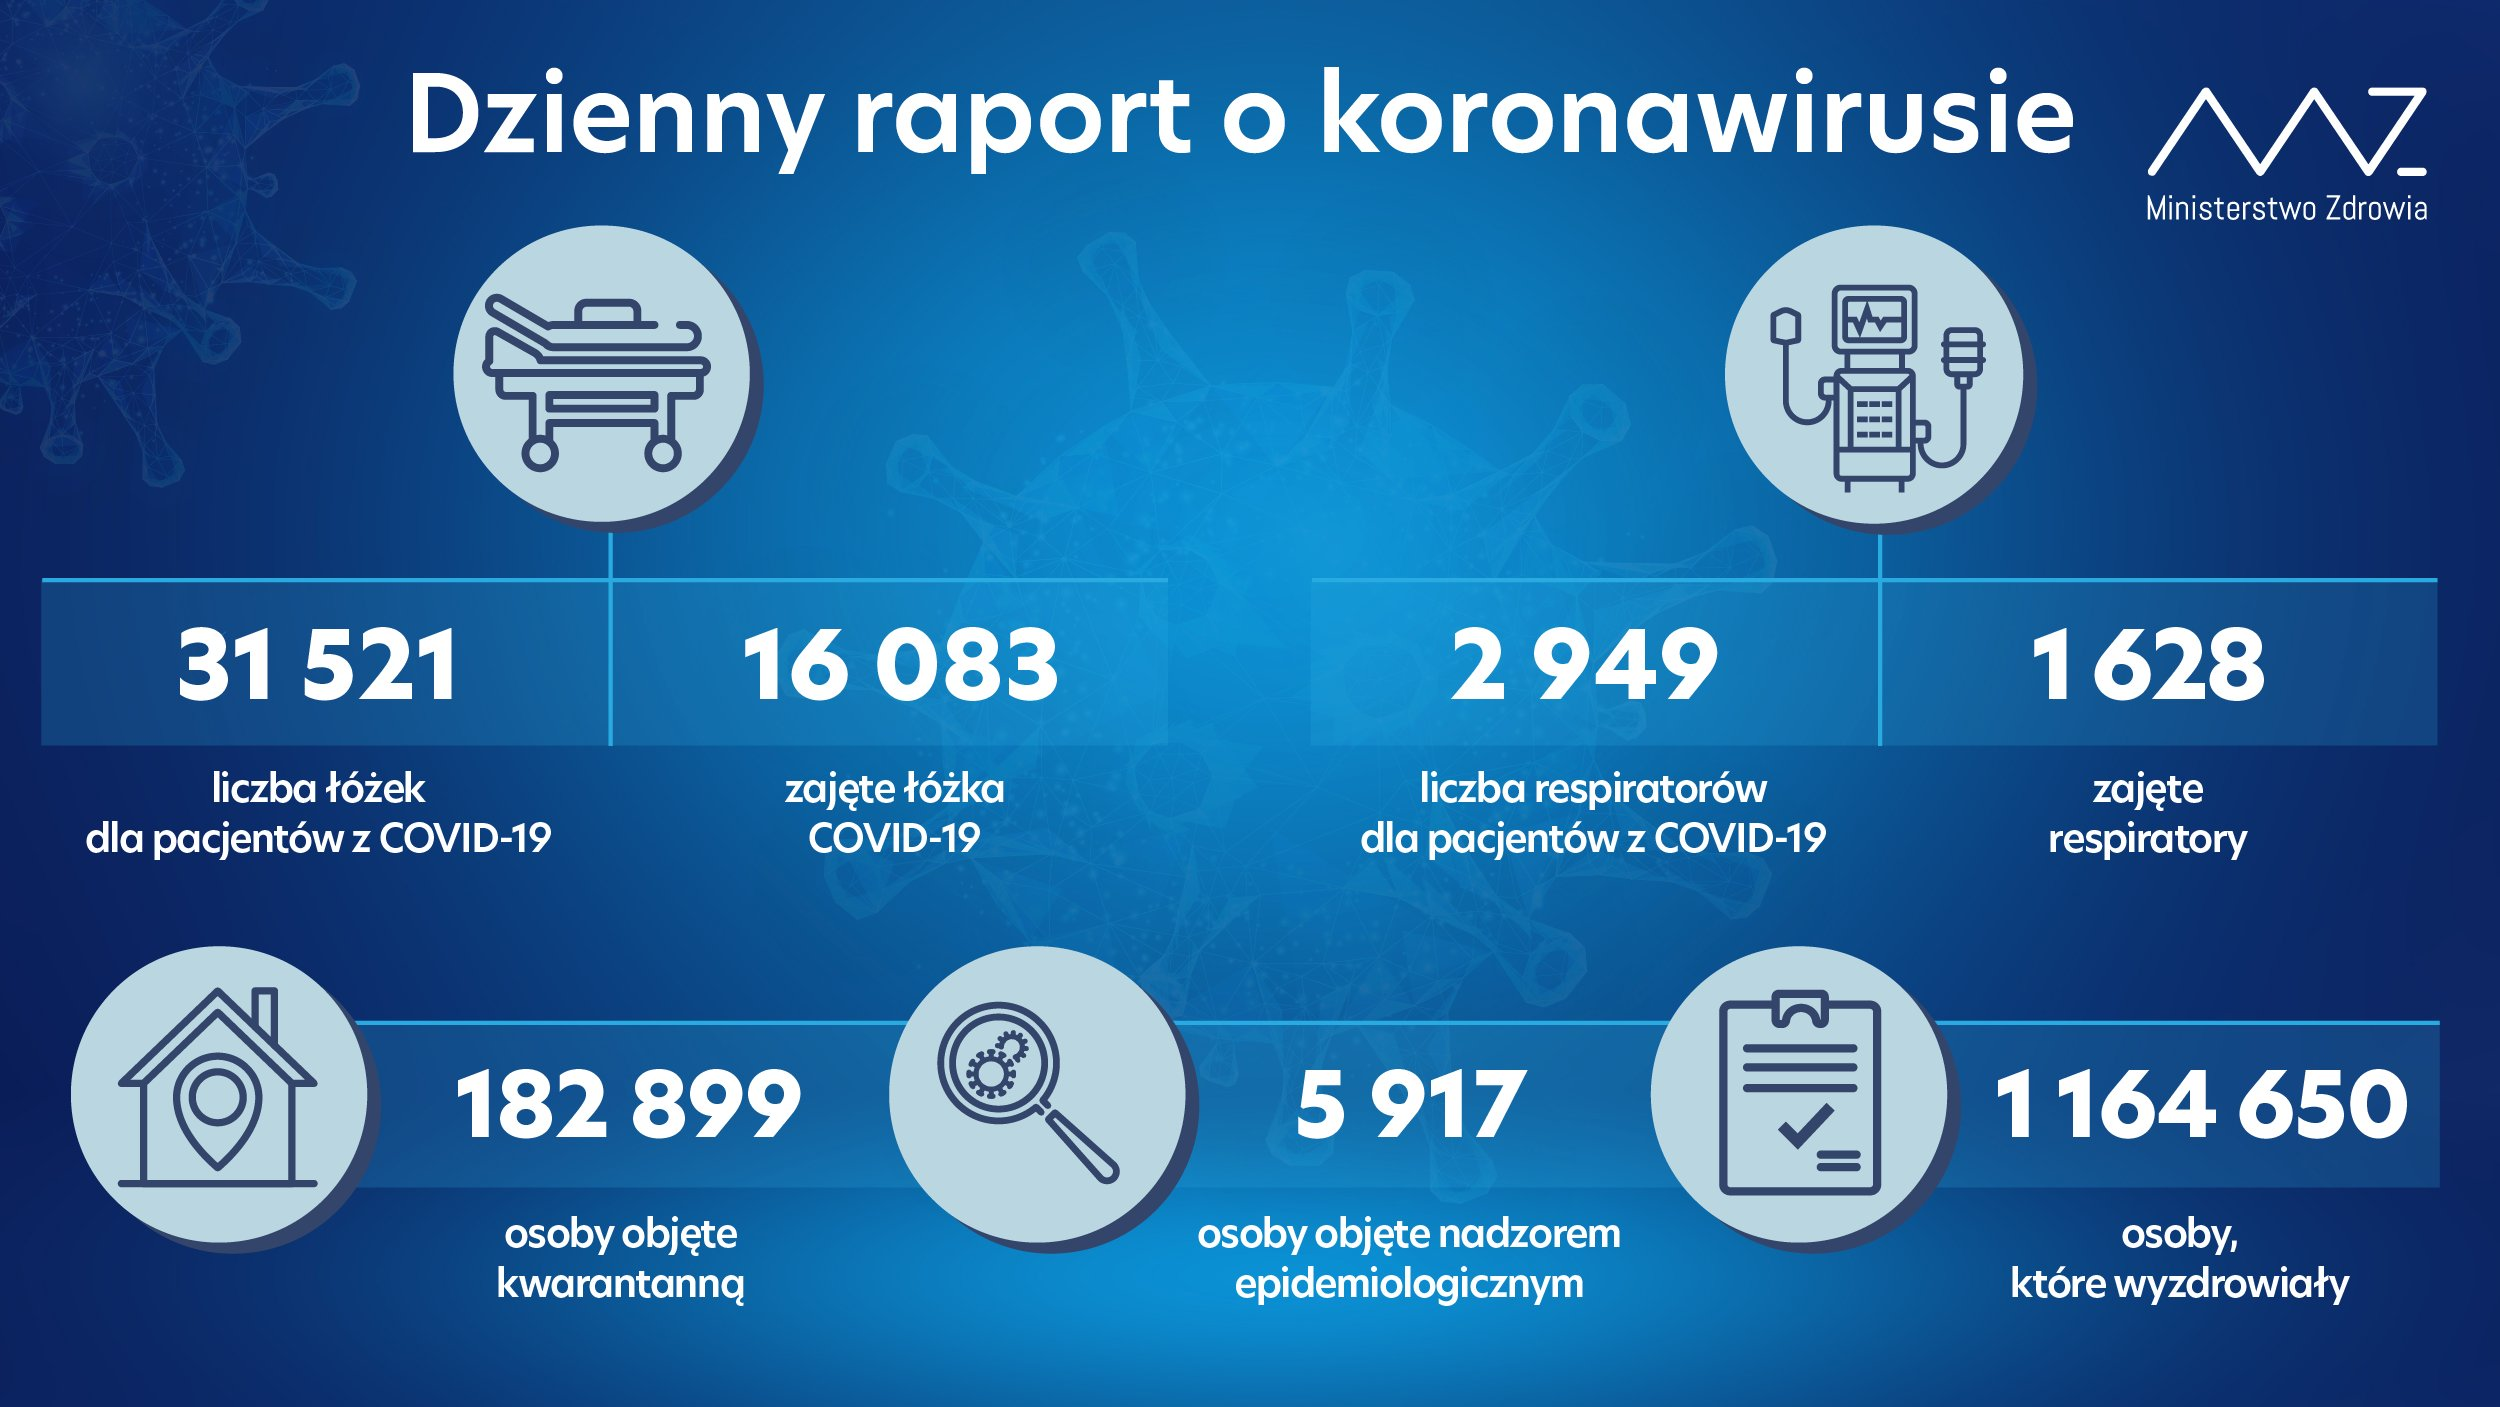 - liczba łóżek dla pacjentów z COVID-19: 31 521 - liczba łóżek zajętych: 16 083 - liczba respiratorów dla pacjentów z COVID-19: 2 949 - liczba zajętych respiratorów: 1 628 - liczba osób objętych kwarantanną: 182 899 - liczba osób objętych nadzorem sanitarno-epidemiologicznym: 5 917 - liczba osób, które wyzdrowiały: 1 164 650